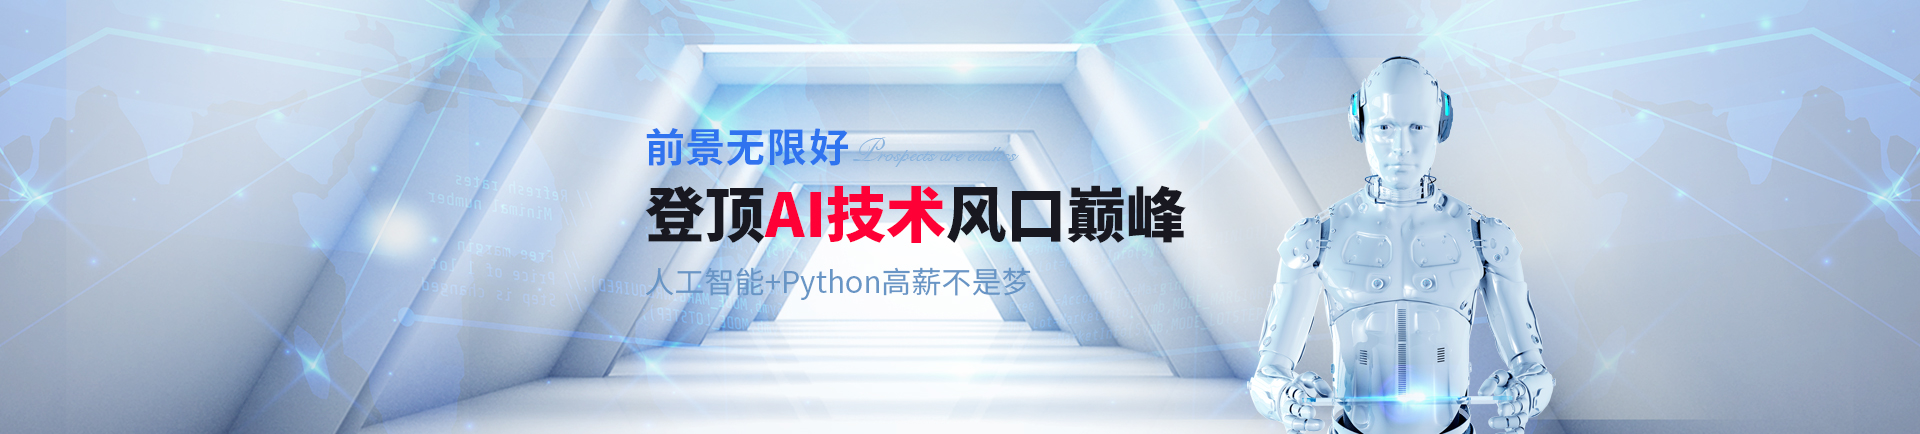 登頂AI技術風口巅峰 人工智能+Python挑戰高薪